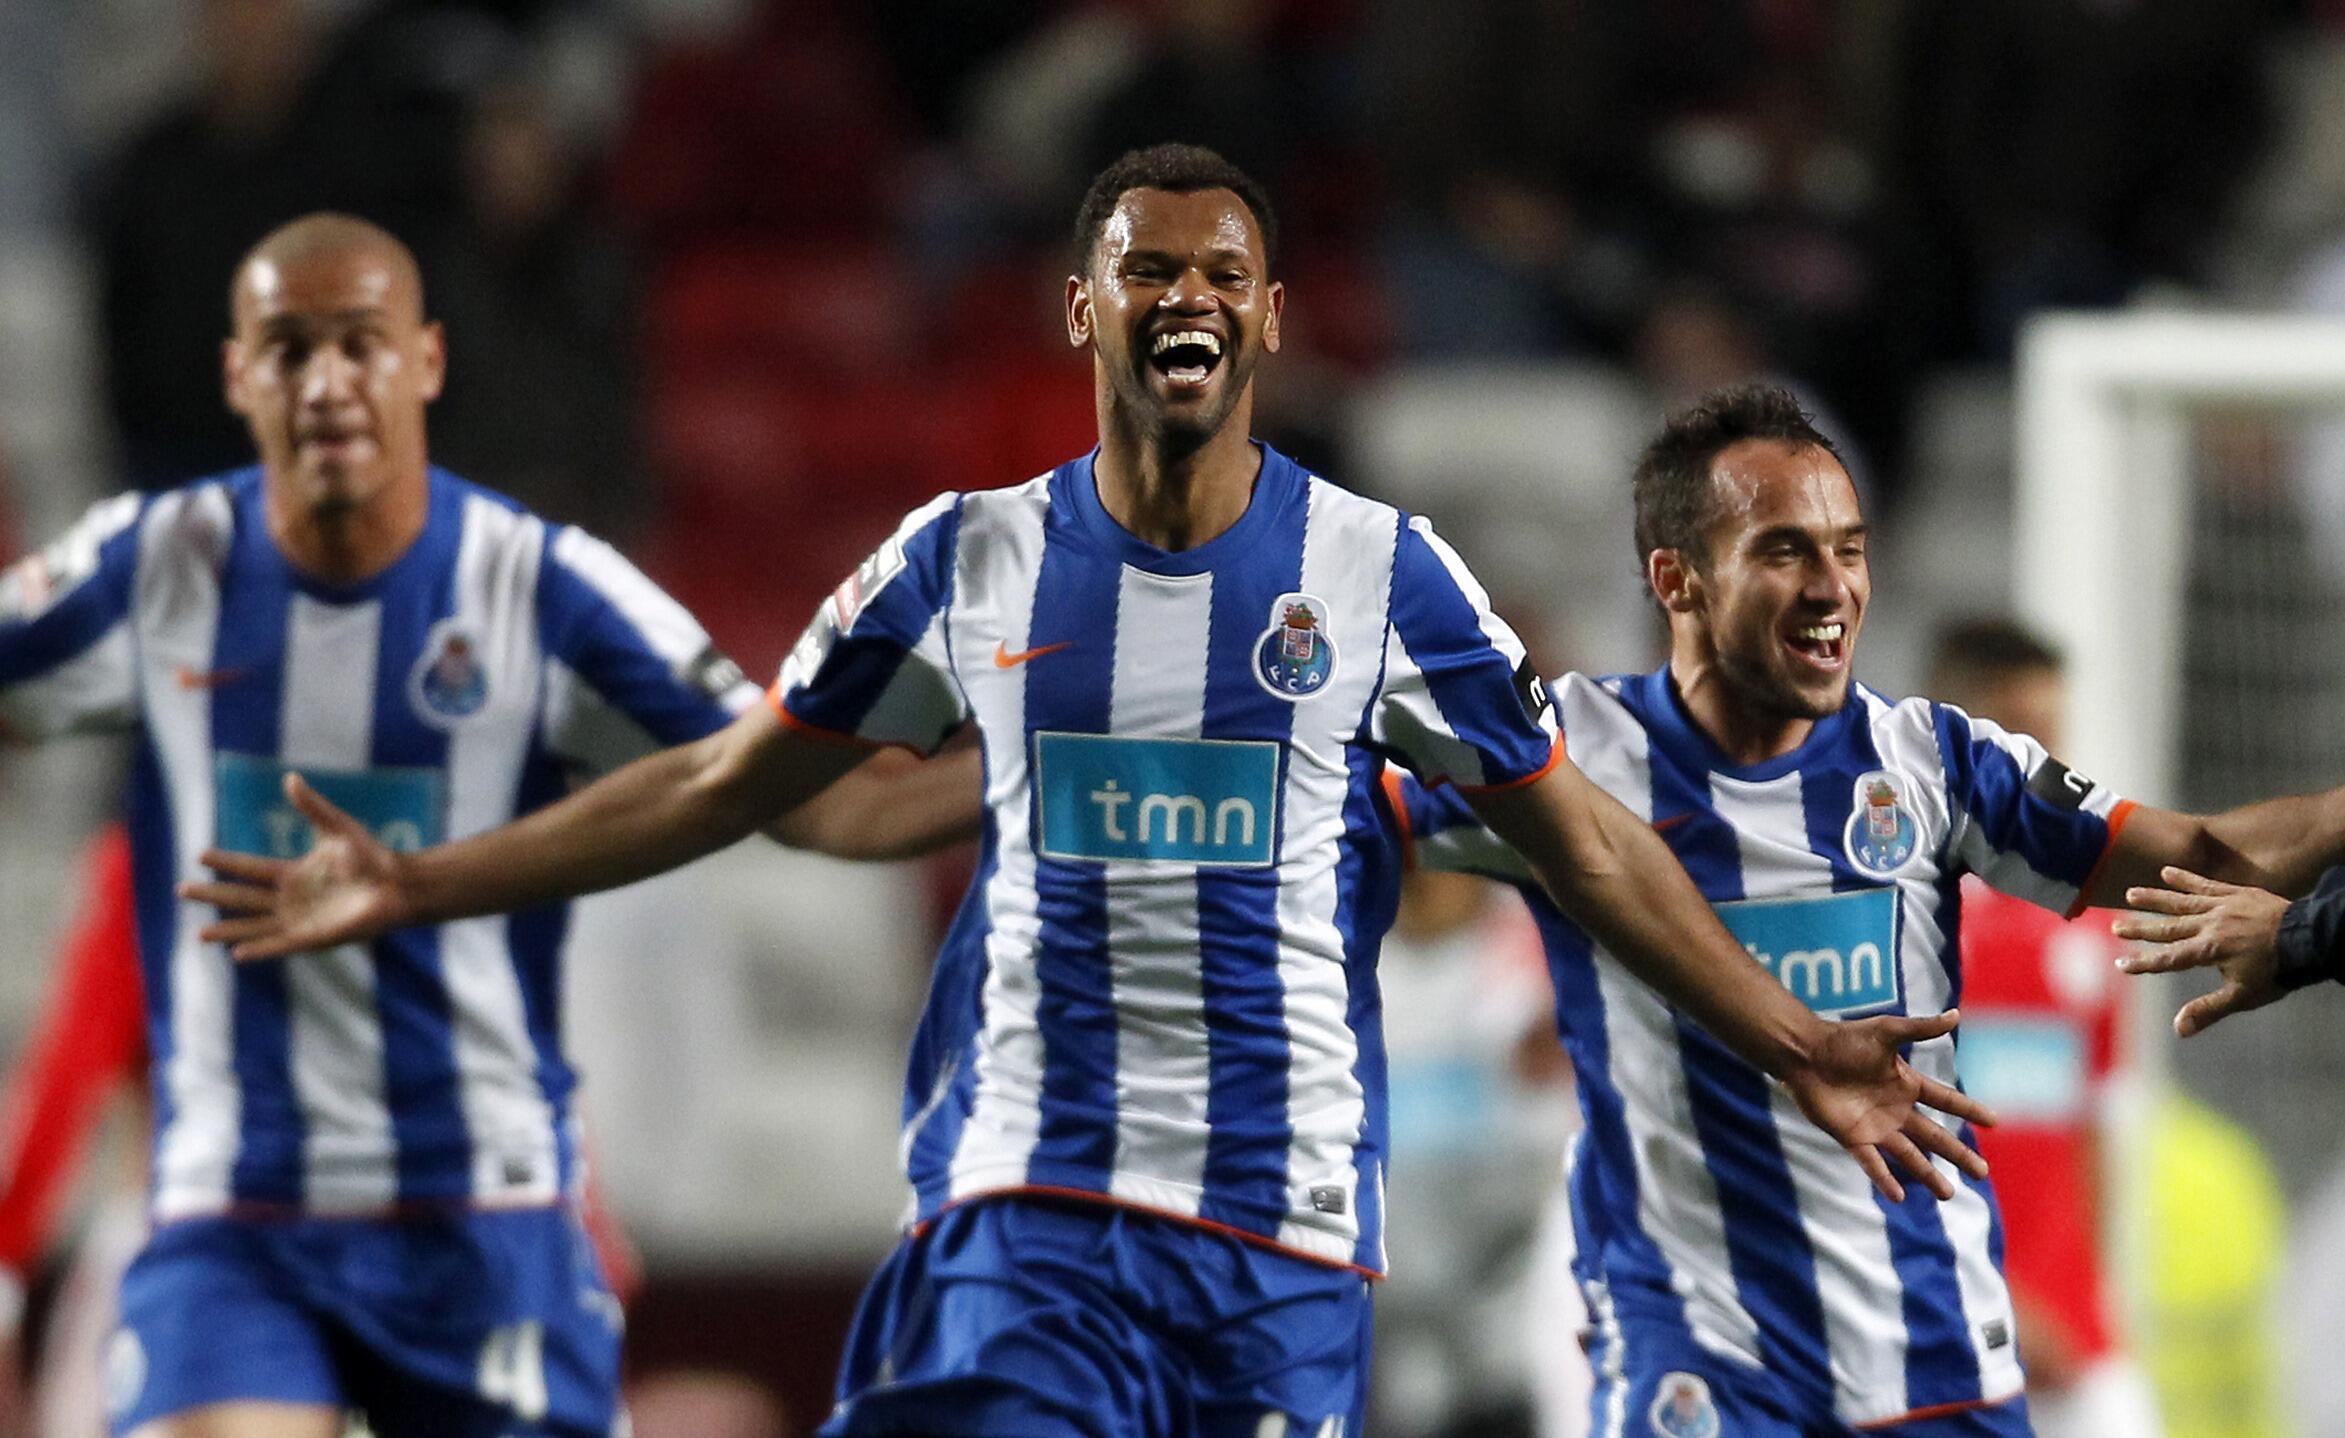 Rolando, Maicon et Beluschi fêtent le titre de champion du Portugal du FC Porto après le match face à Benfica, le 3 avril 2011.